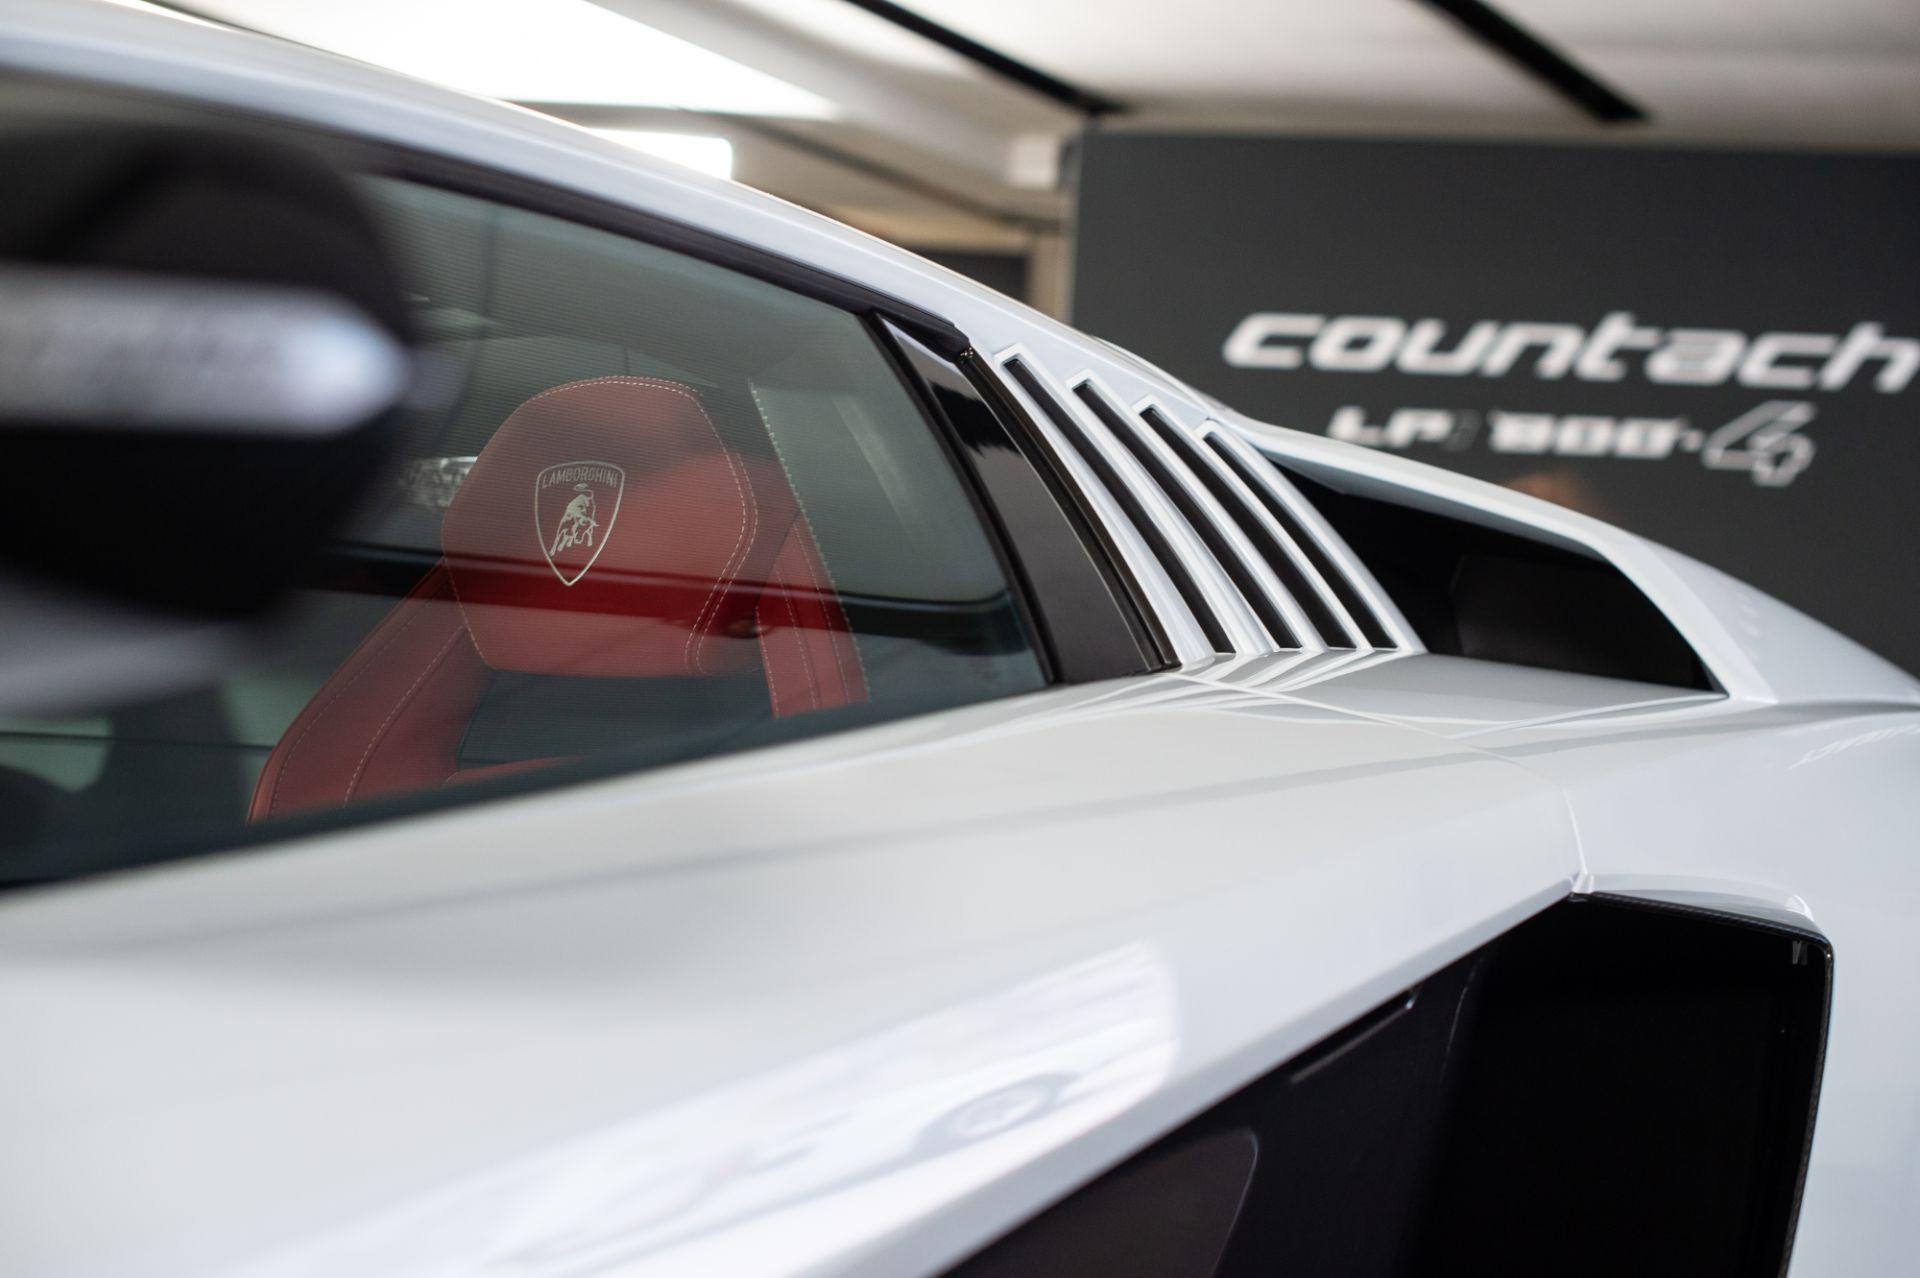 Lamborghini-Countach-LPI-800-4-39